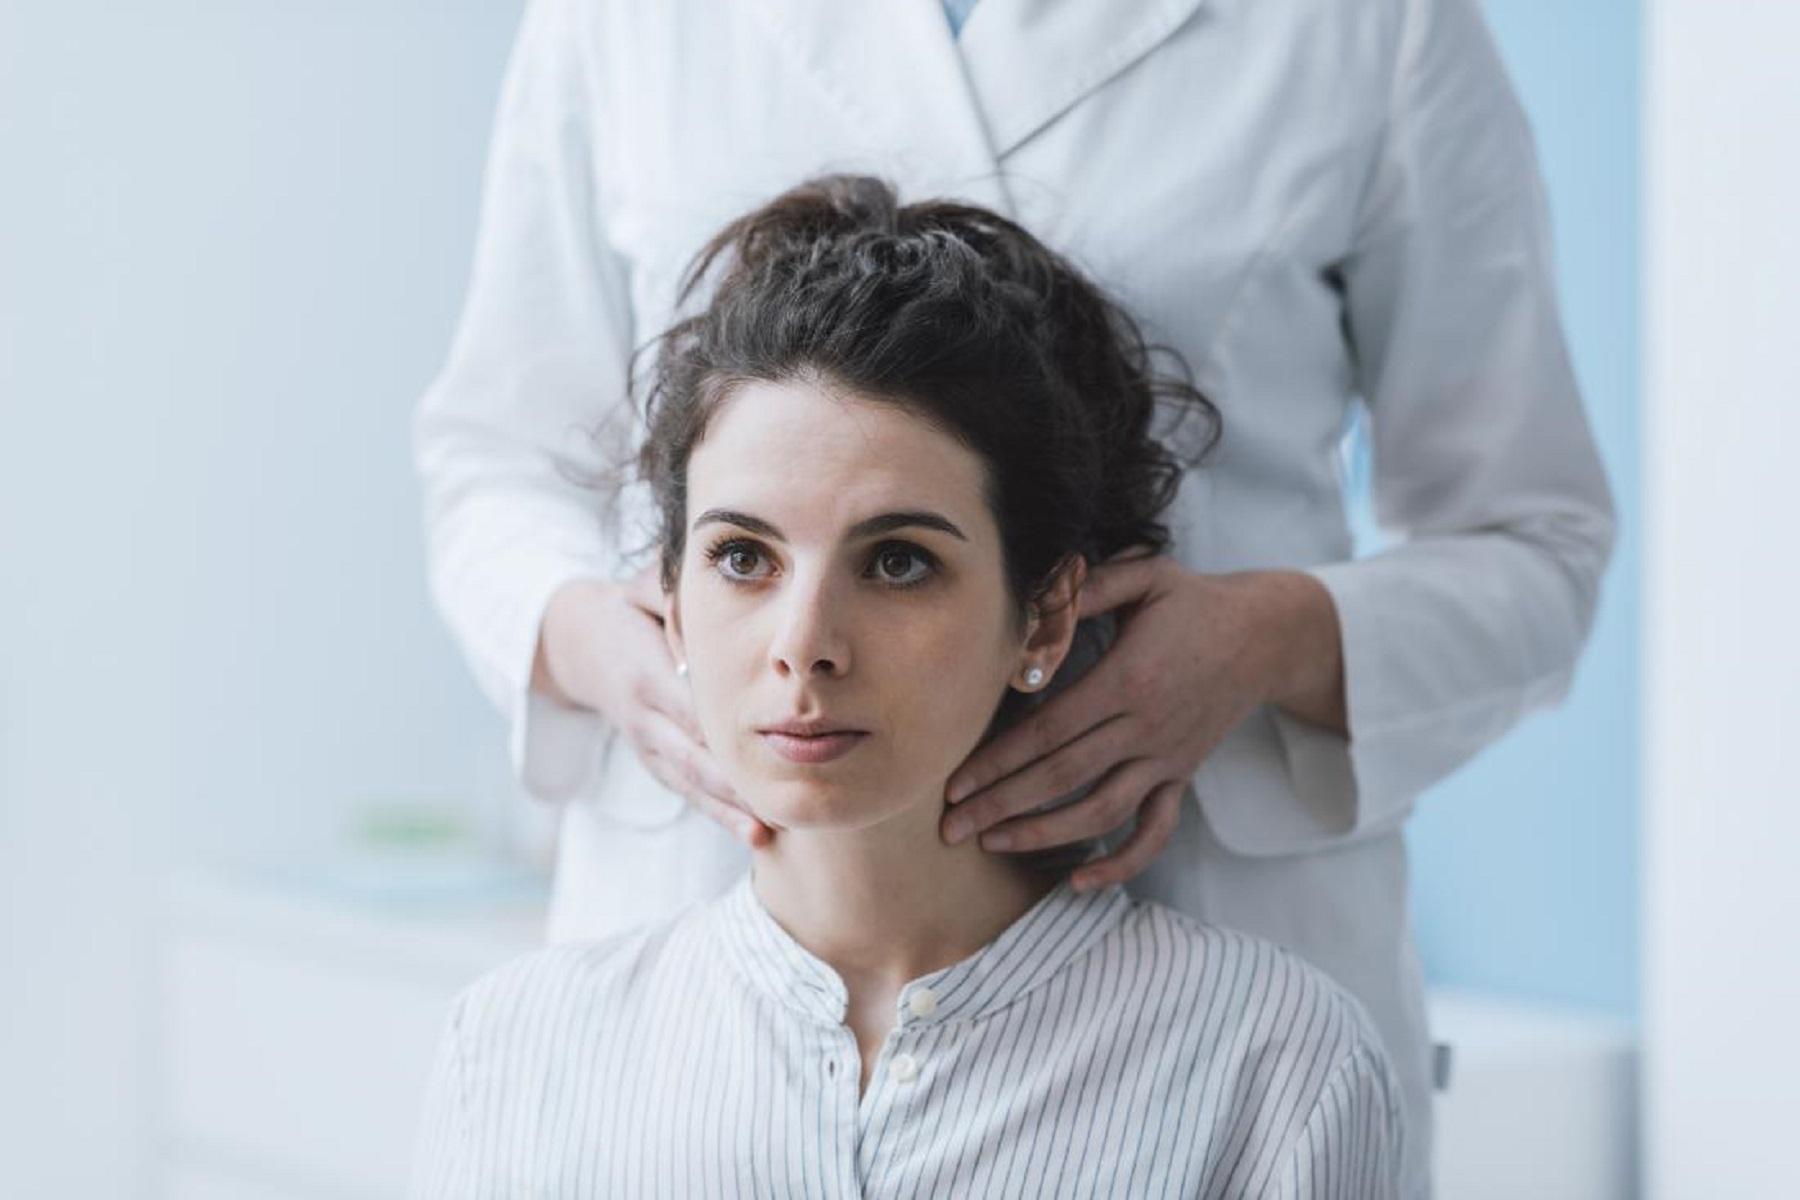 Μελέτη Covid: Προηγούμενη λοίμωξη από κορωνοϊό συσχετίστηκε με λεμφαδενοπάθεια μετά τον εμβολιασμό